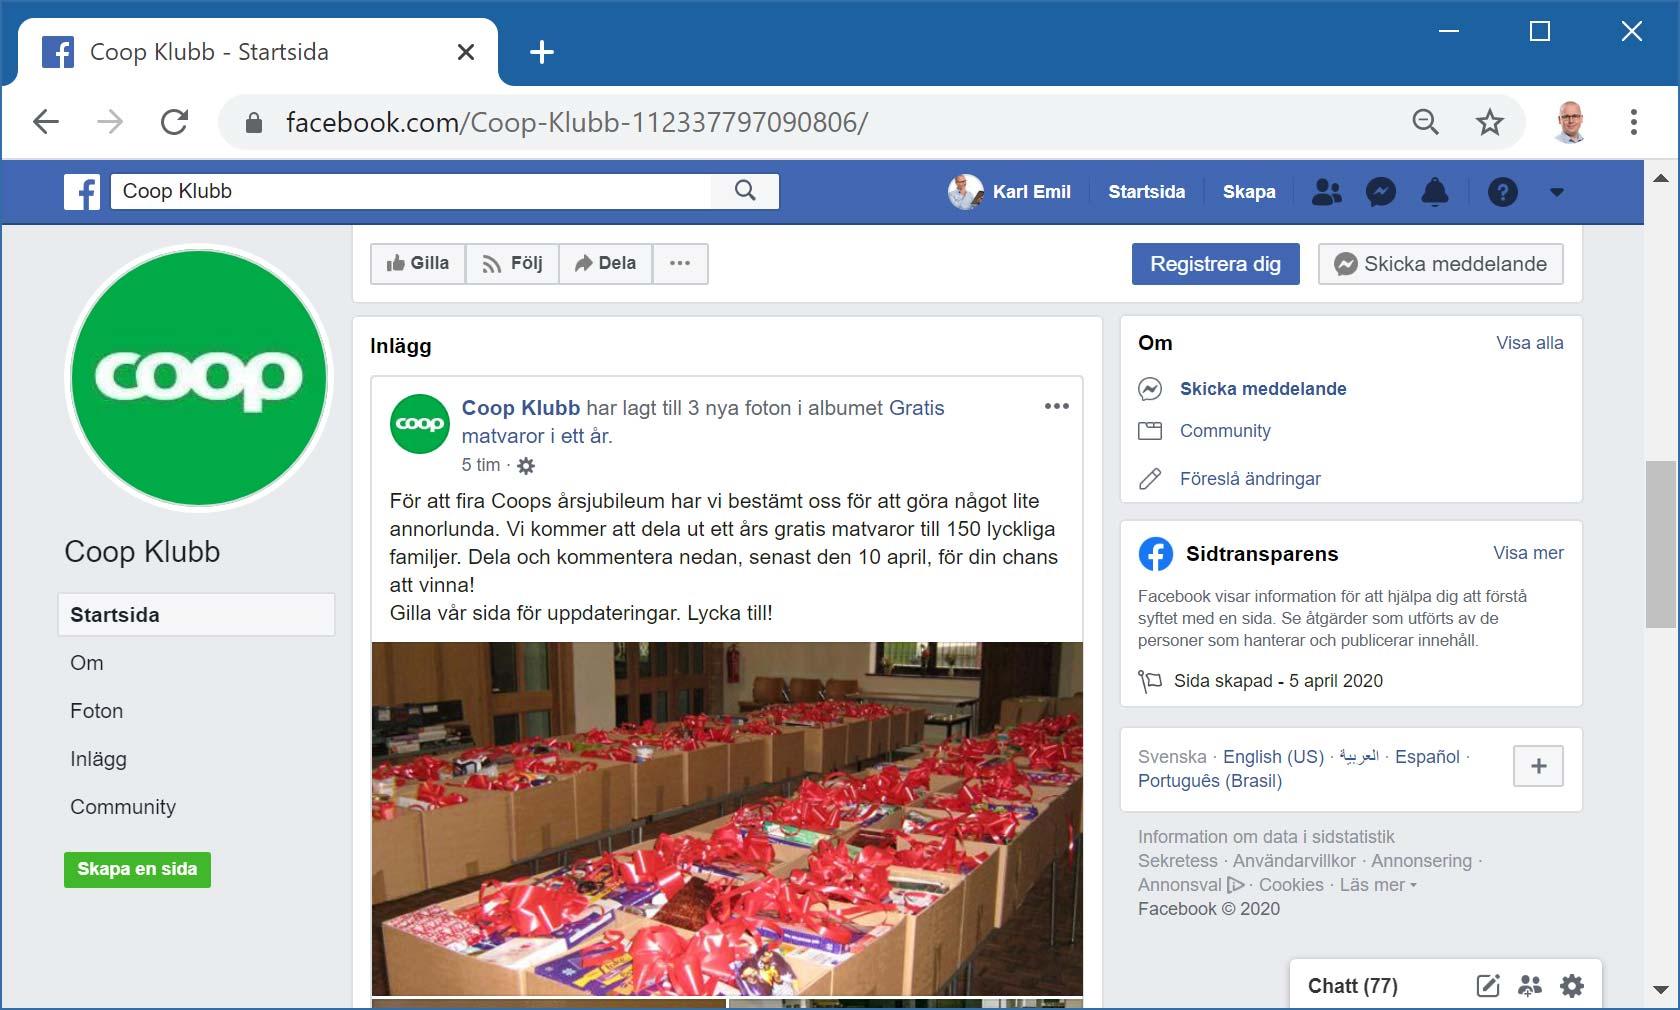 Falsk Facebook-sida för Coop Klubb